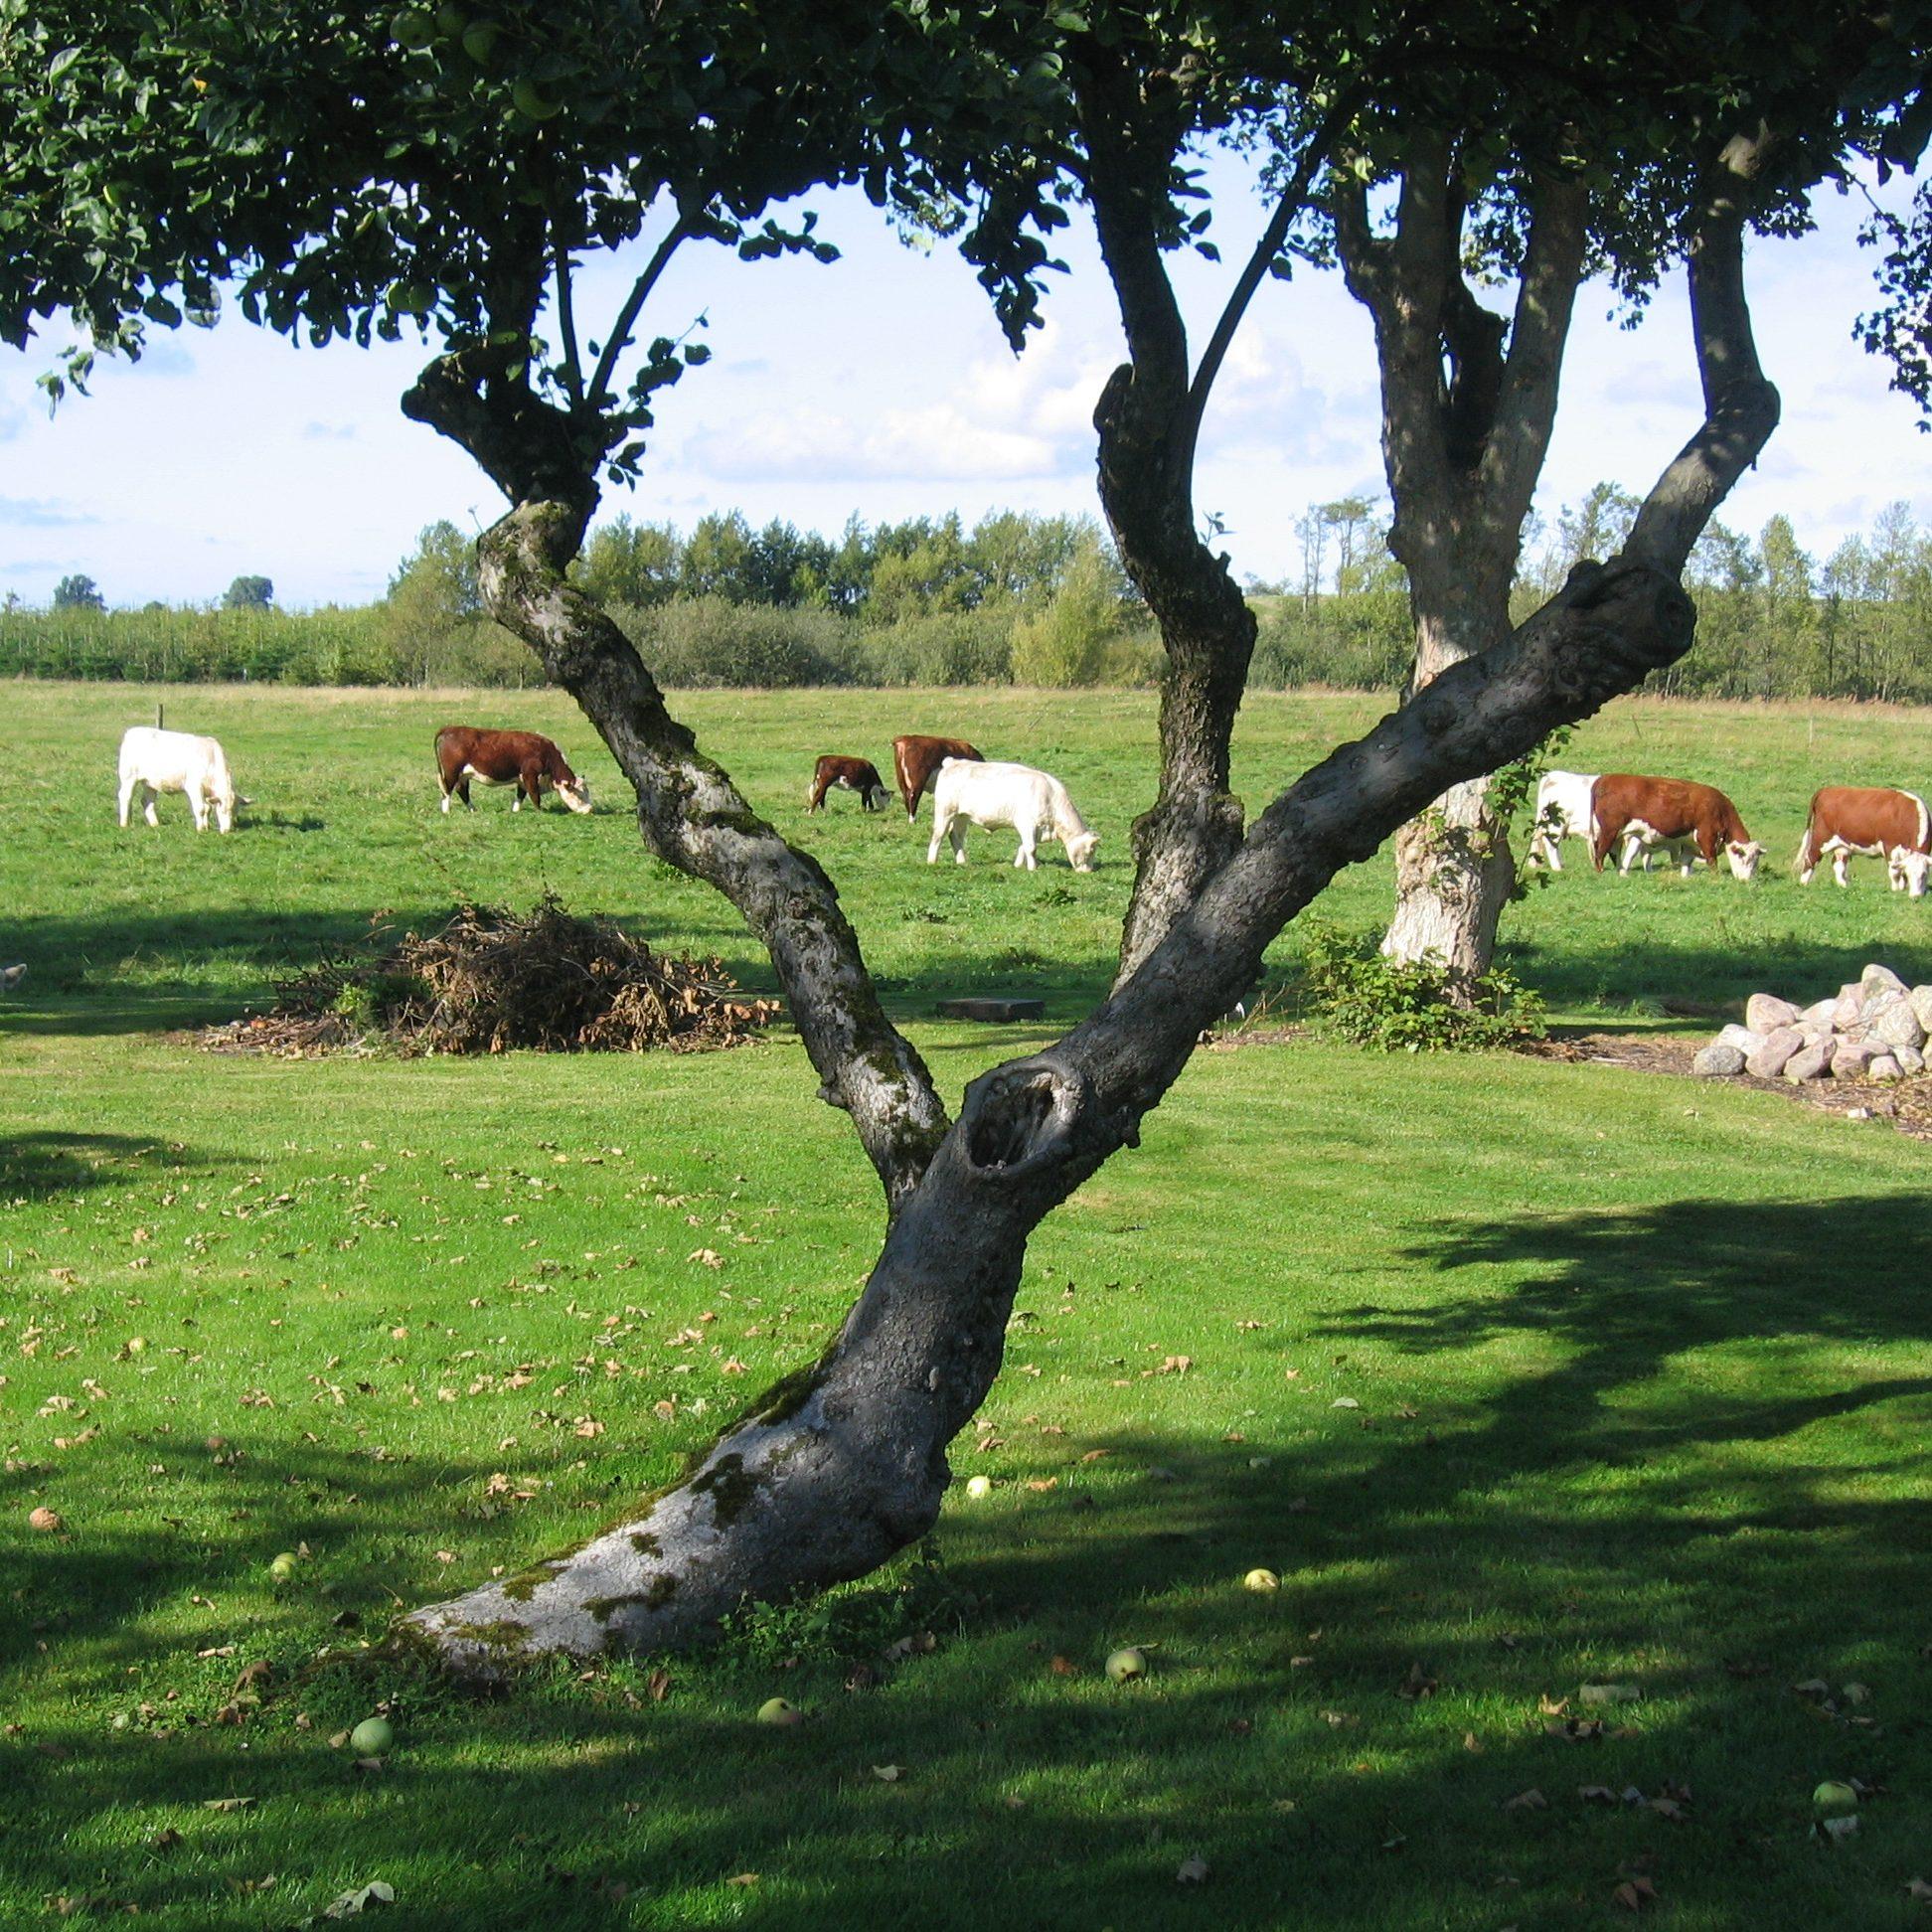 koeer-til-hjemmeside-146